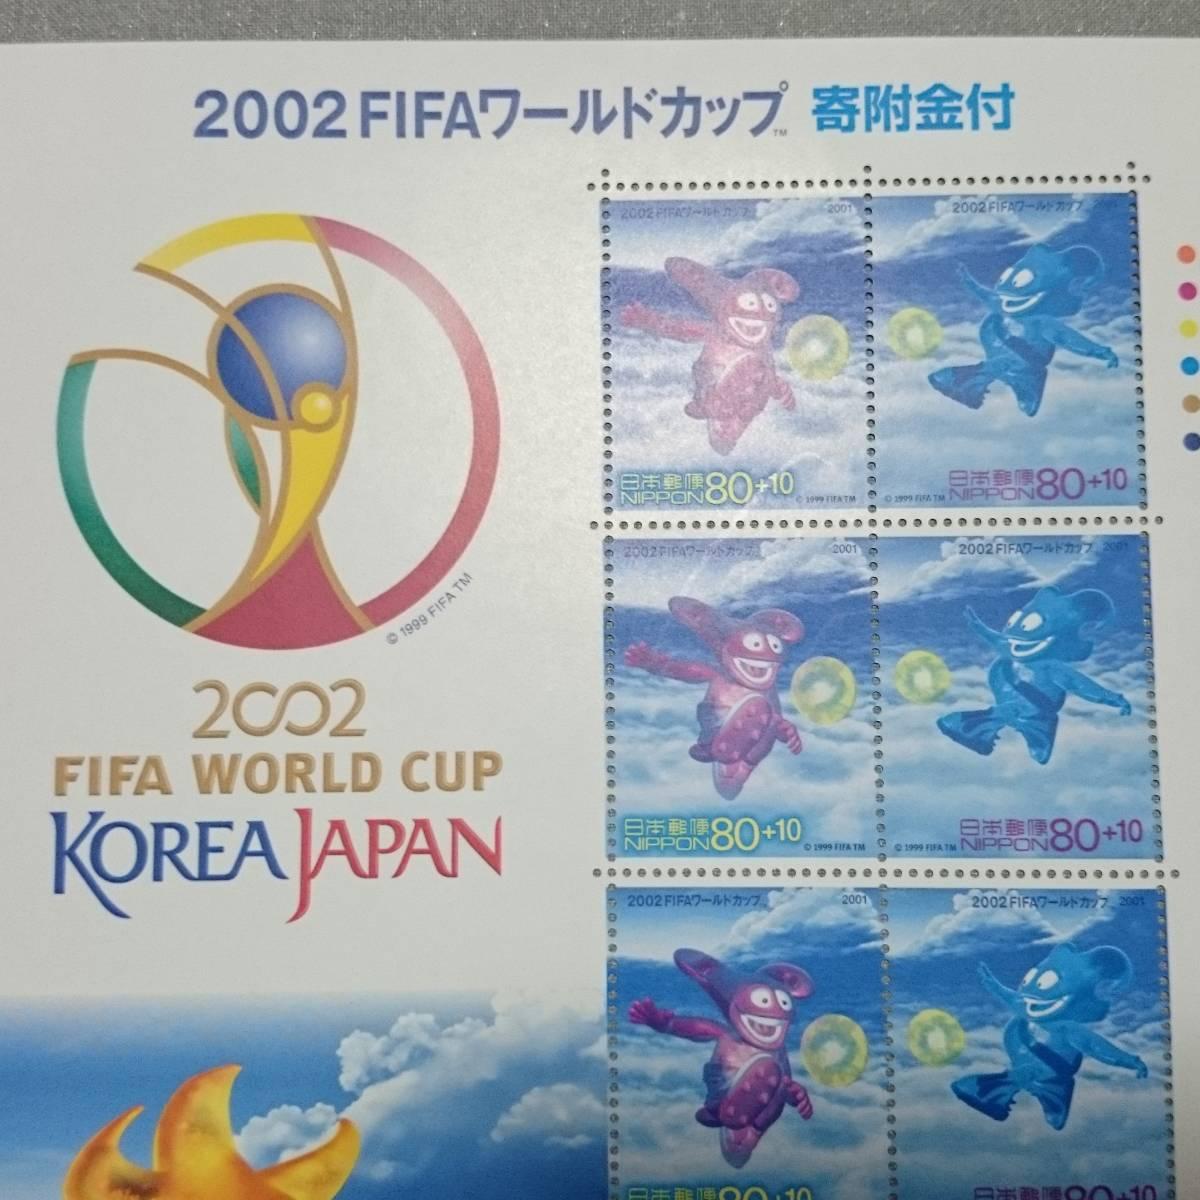 【未使用】2002 FIFA ワールドカップ 寄付金付 2001年/平成13年 切手 シート 80円×10枚 800円分 サッカー KOREA JAPAN WORLD CUP 記念_画像2